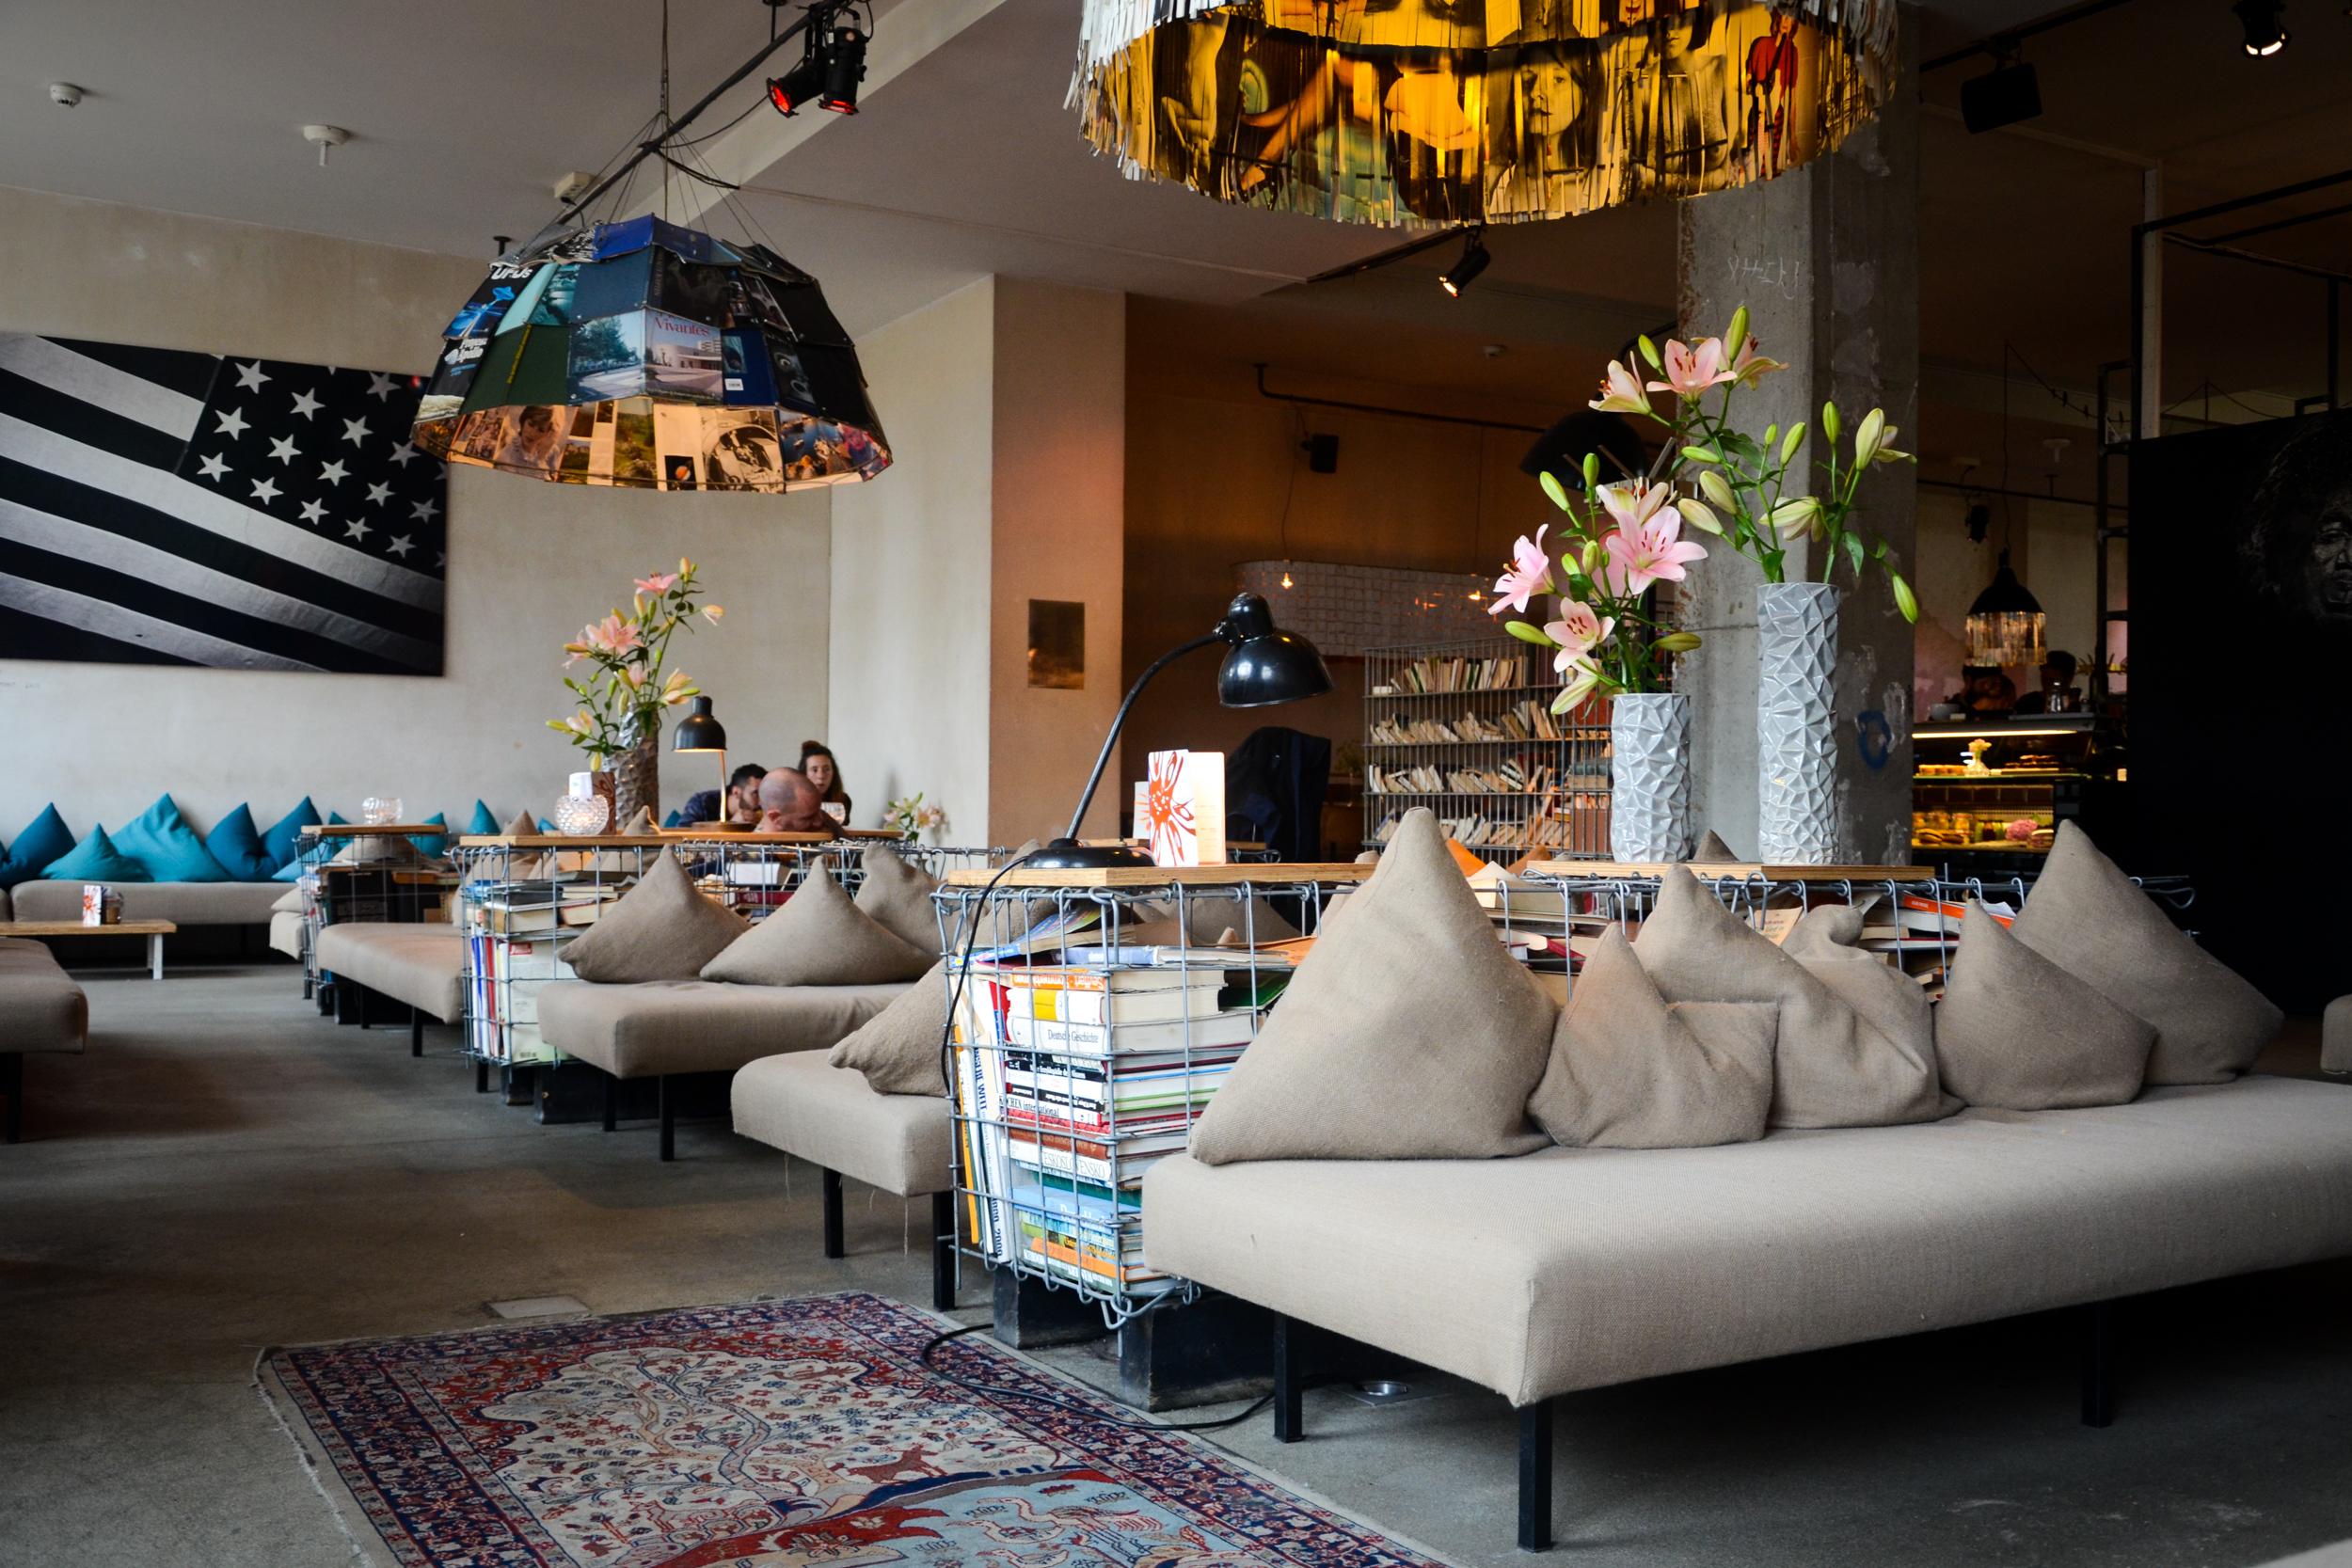 hotels in berlijn mijn persoonlijke tips. Black Bedroom Furniture Sets. Home Design Ideas